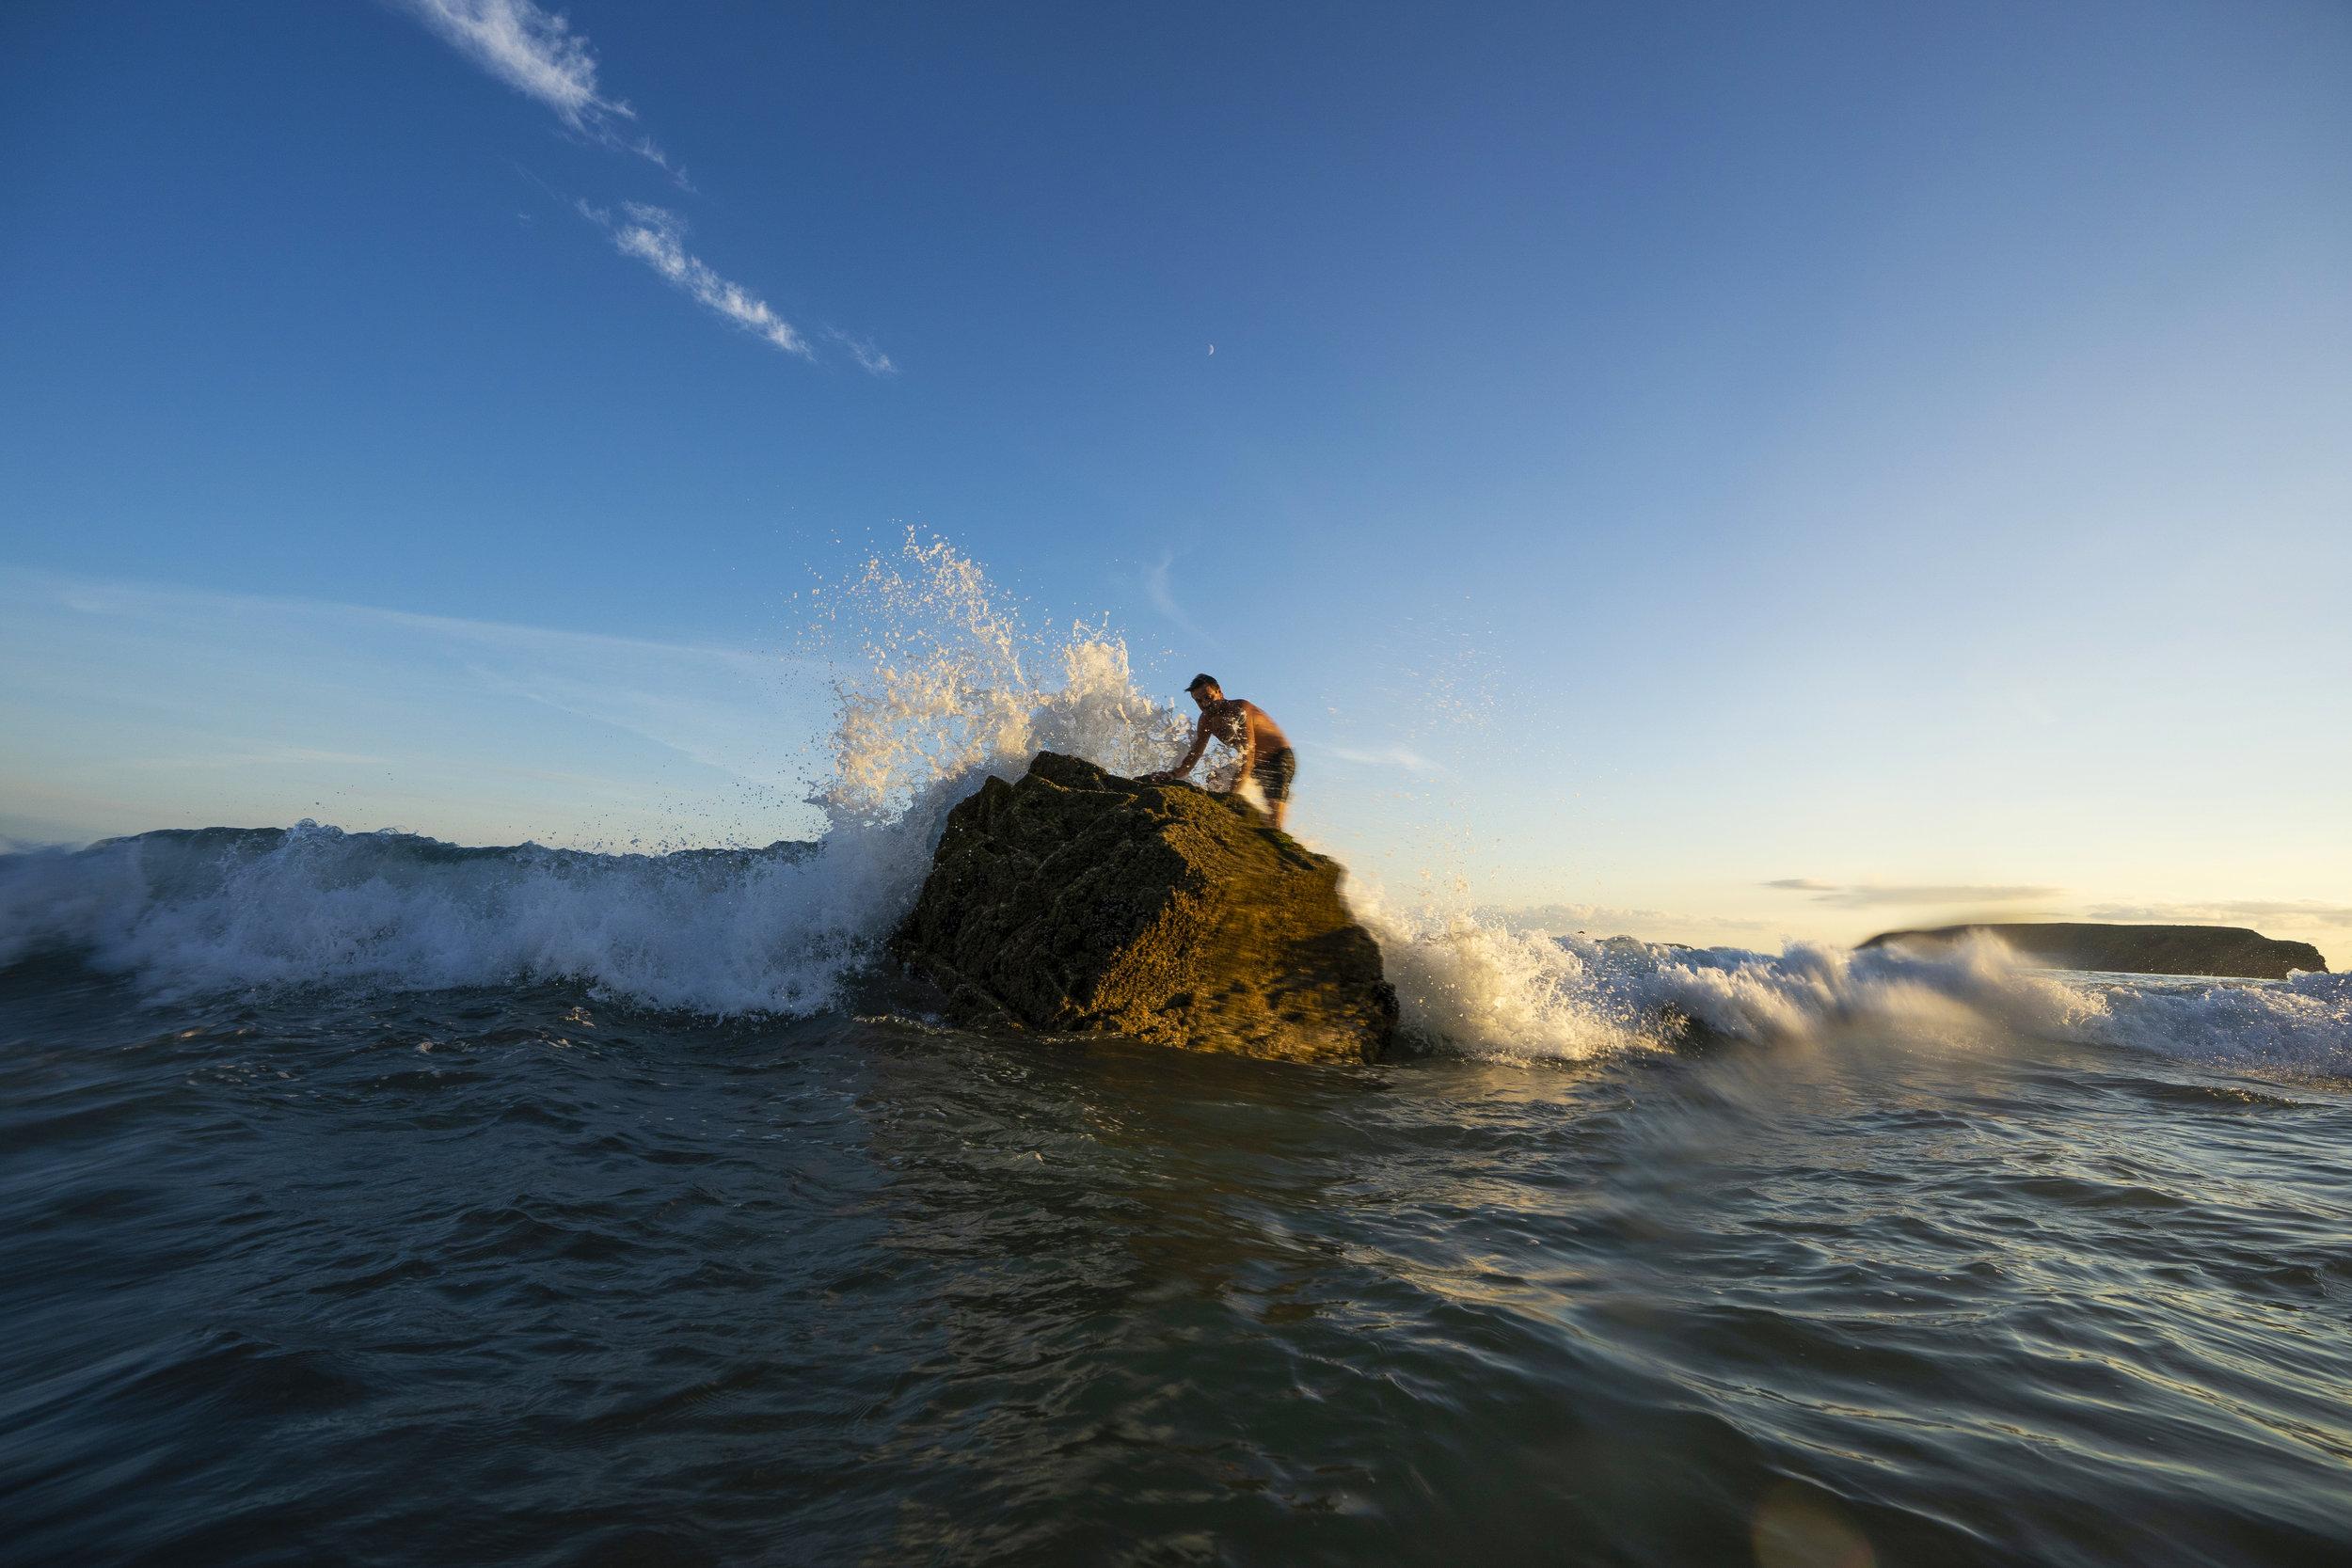 JACK ABBOTT - Rob climb rock - DSC05312.jpg